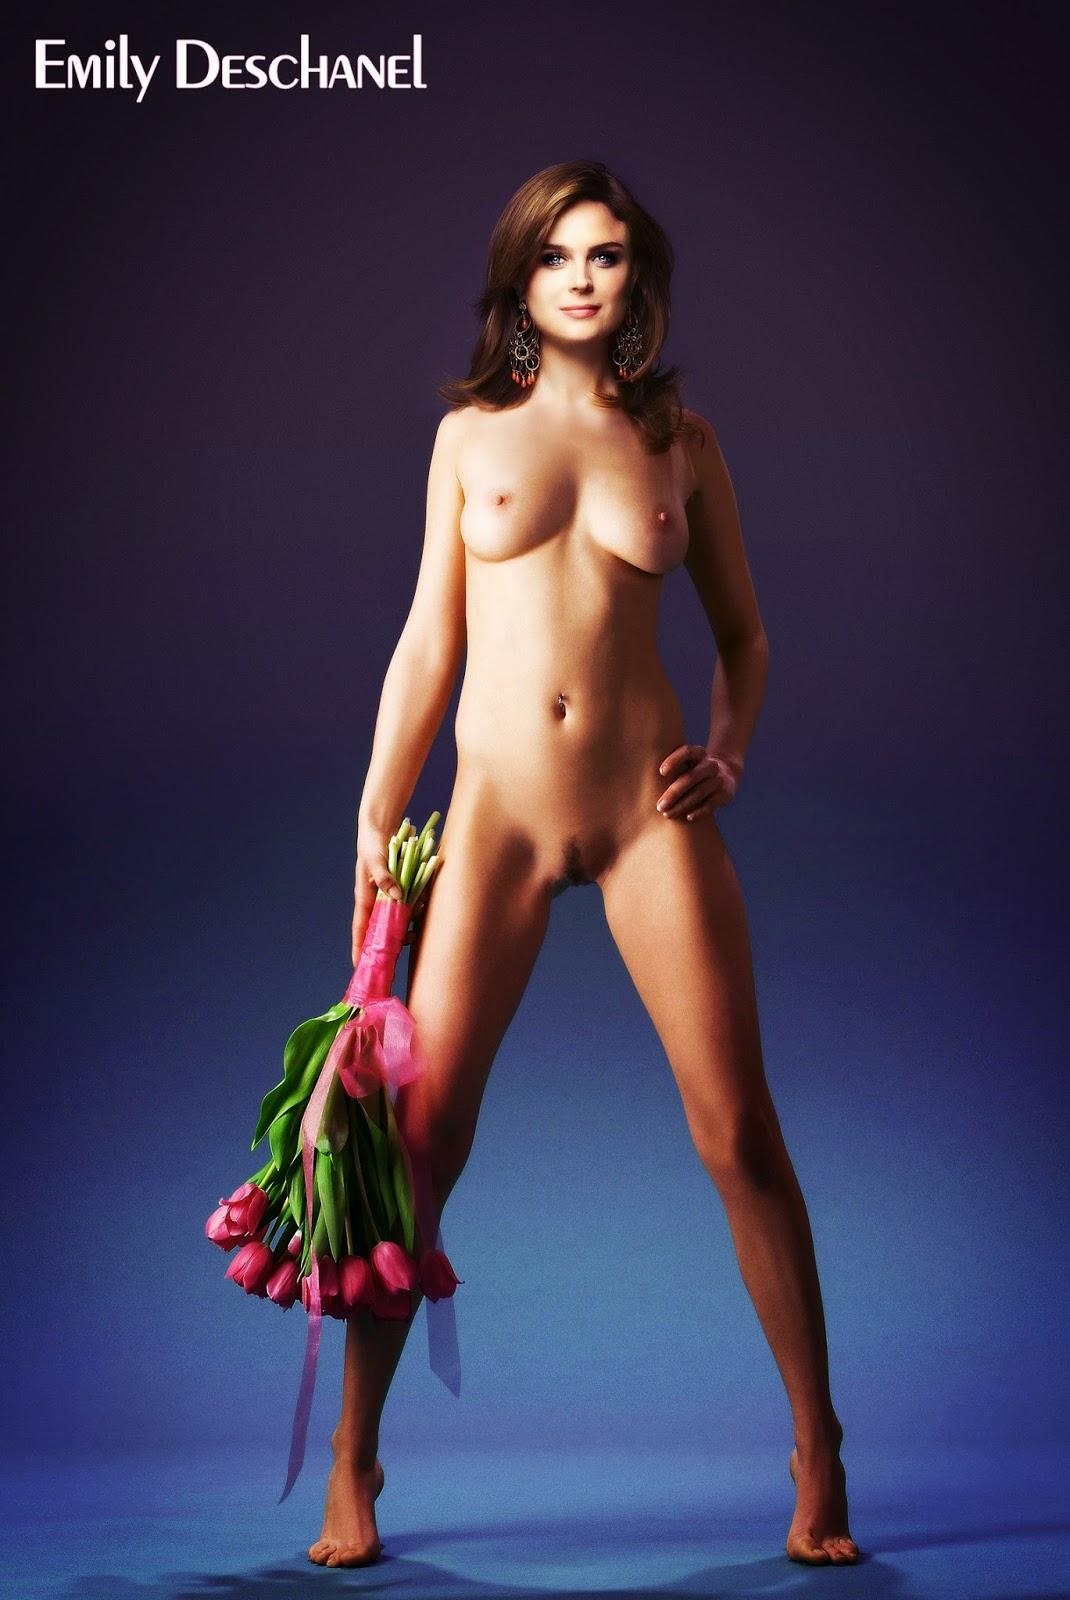 Nackt Bilder : Emily Deschanel Original Nude Pics   nackter arsch.com